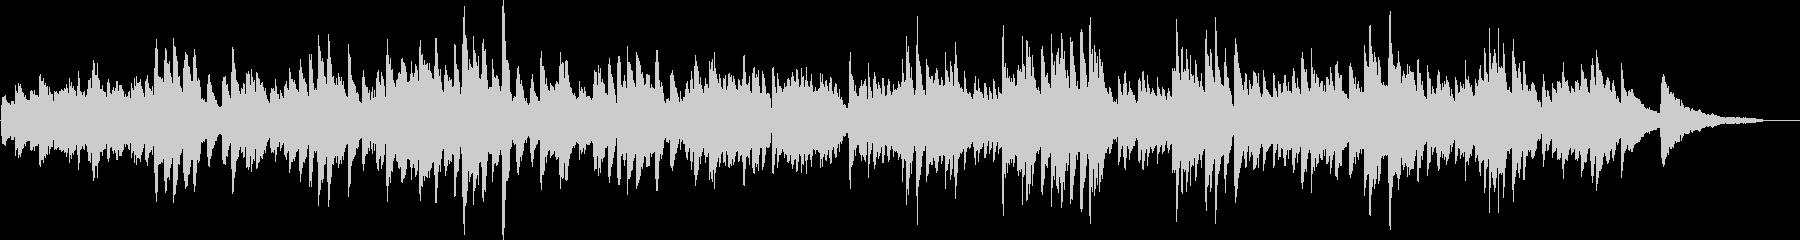 アコーステック センチメンタル 楽...の未再生の波形